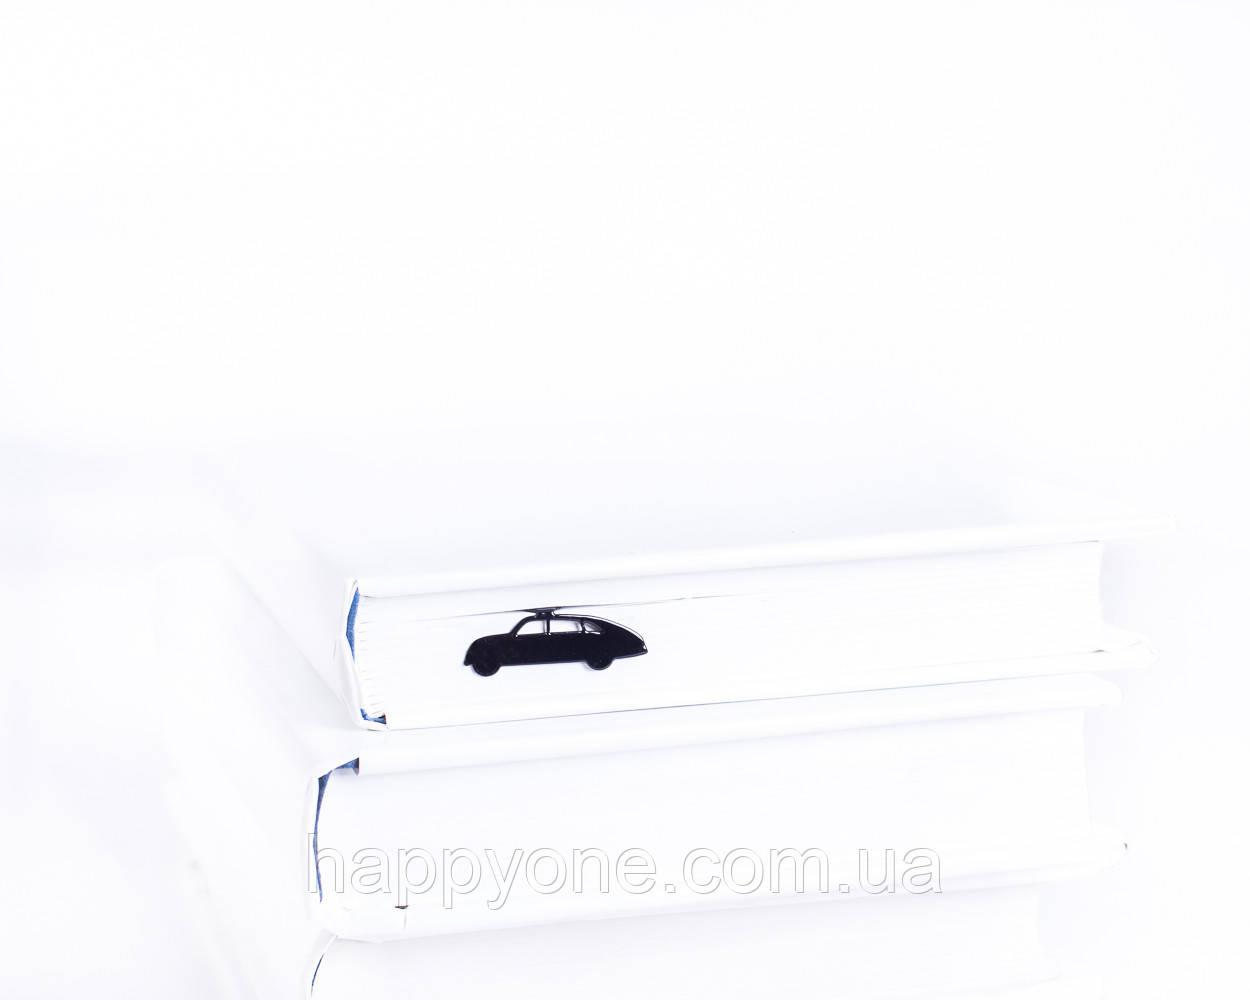 Закладка для книг машина Tatra